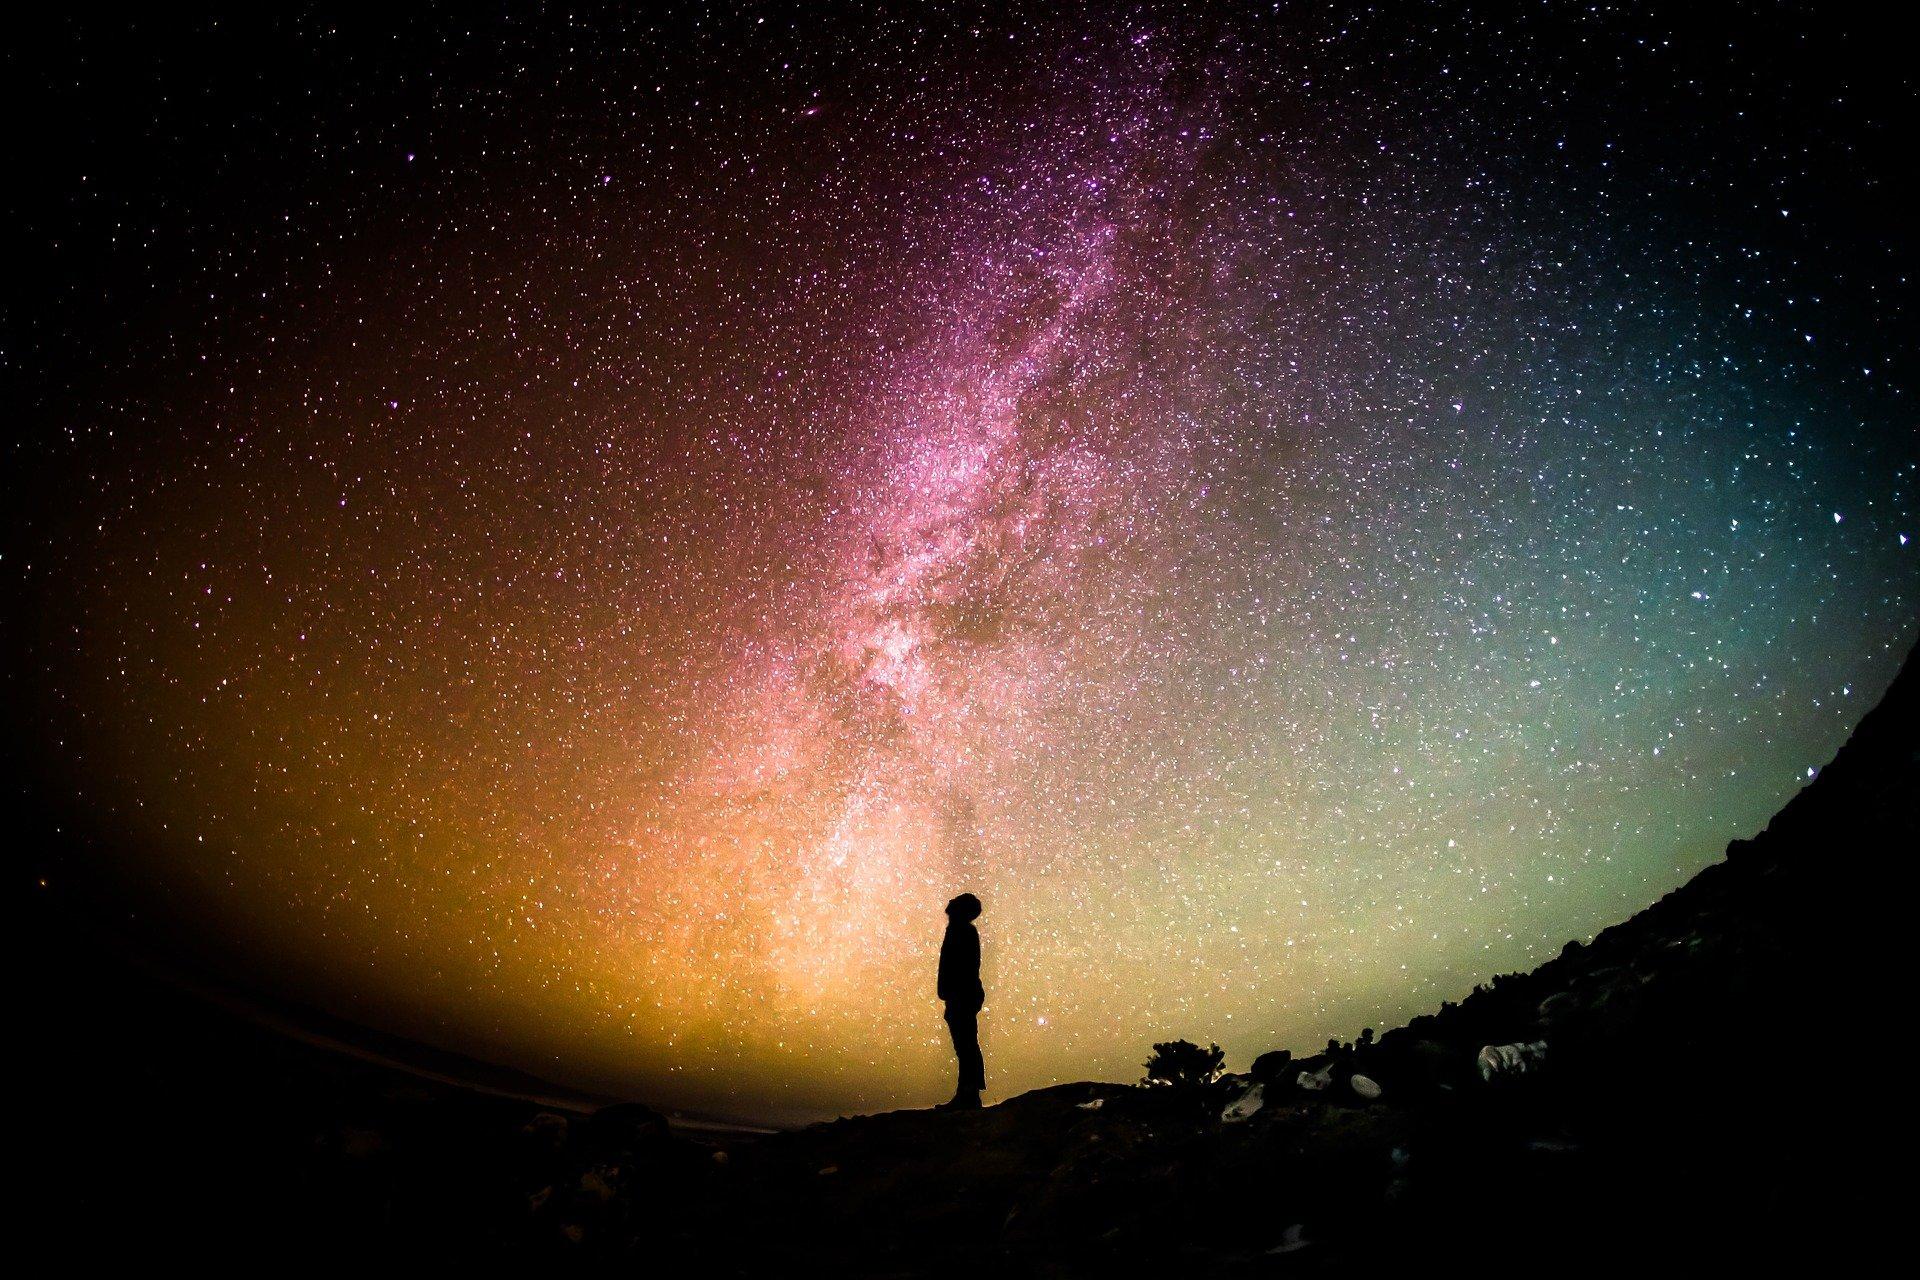 صورة رائعة للسماء ورجل ينظر اليها كأنما يحاول الوصول إليها